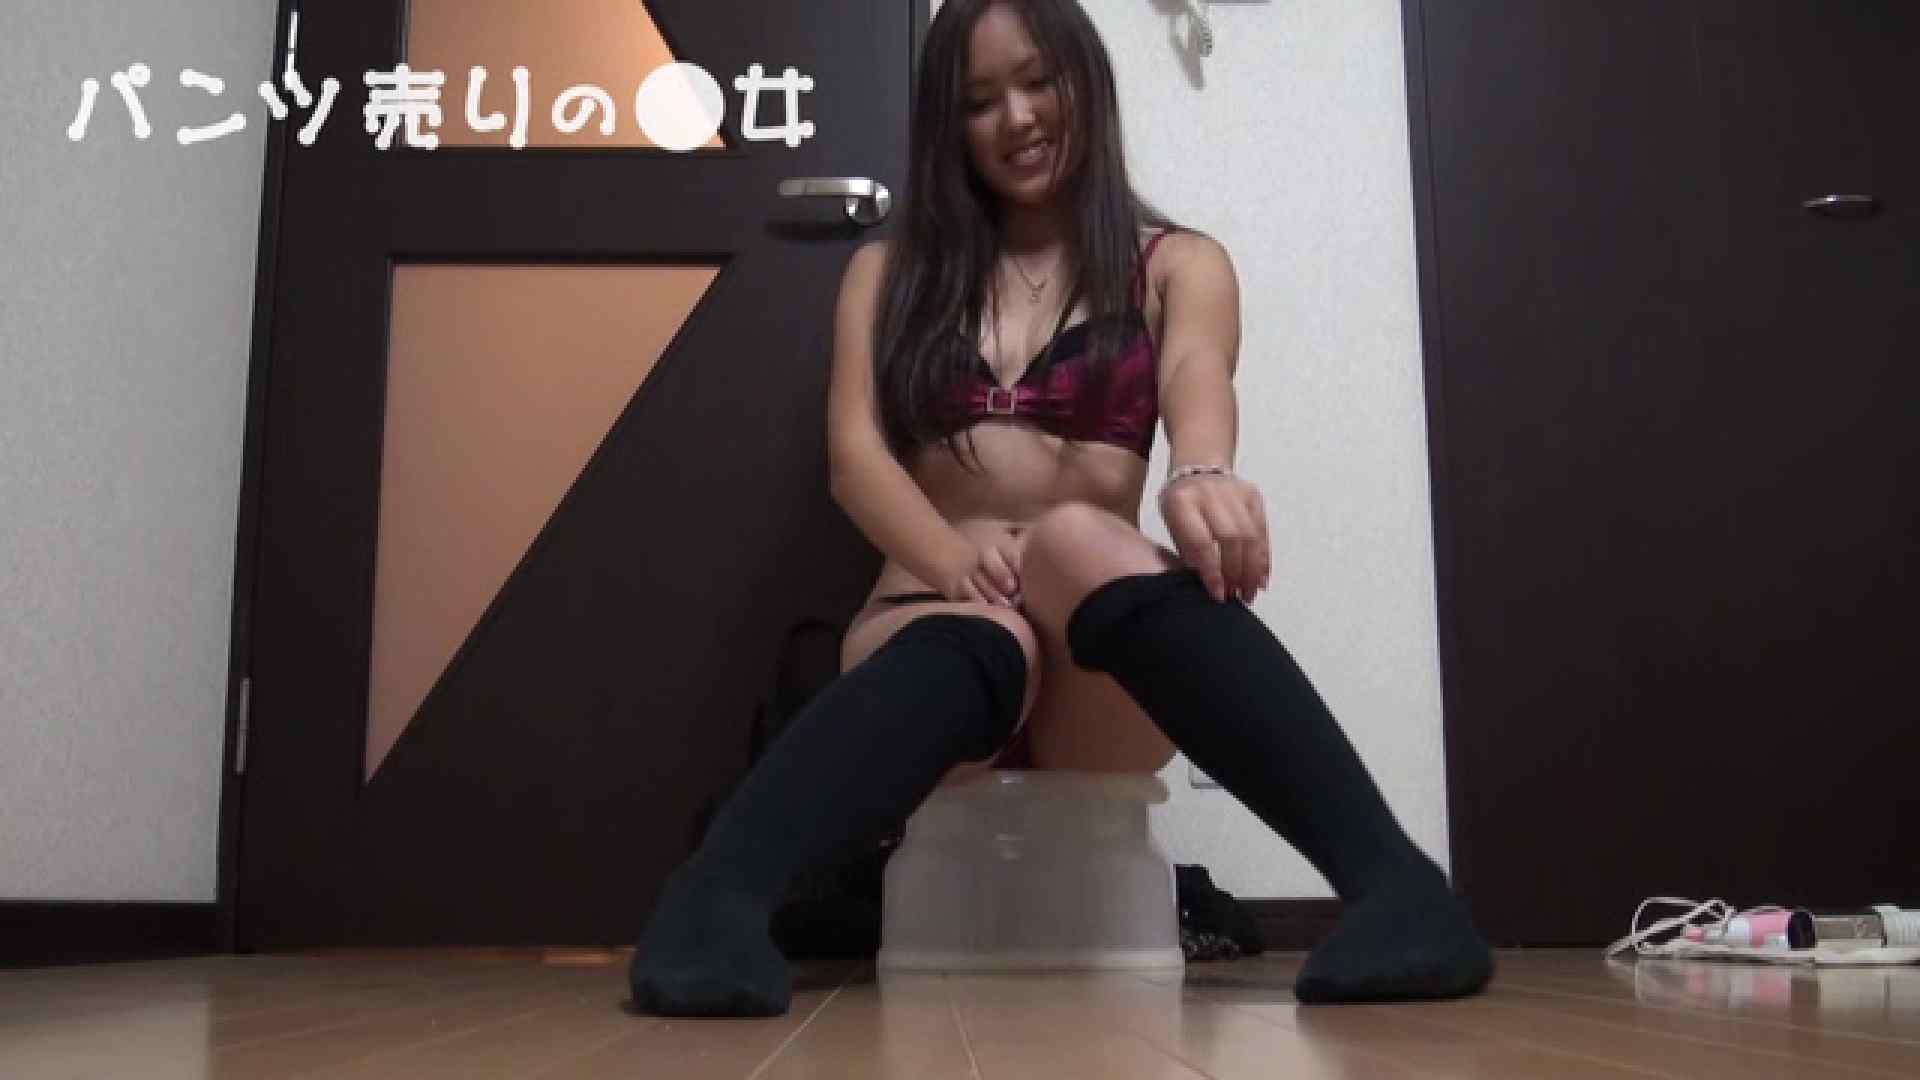 新説 パンツ売りの女の子ayu オマンコ全開 スケベ動画紹介 86PIX 39